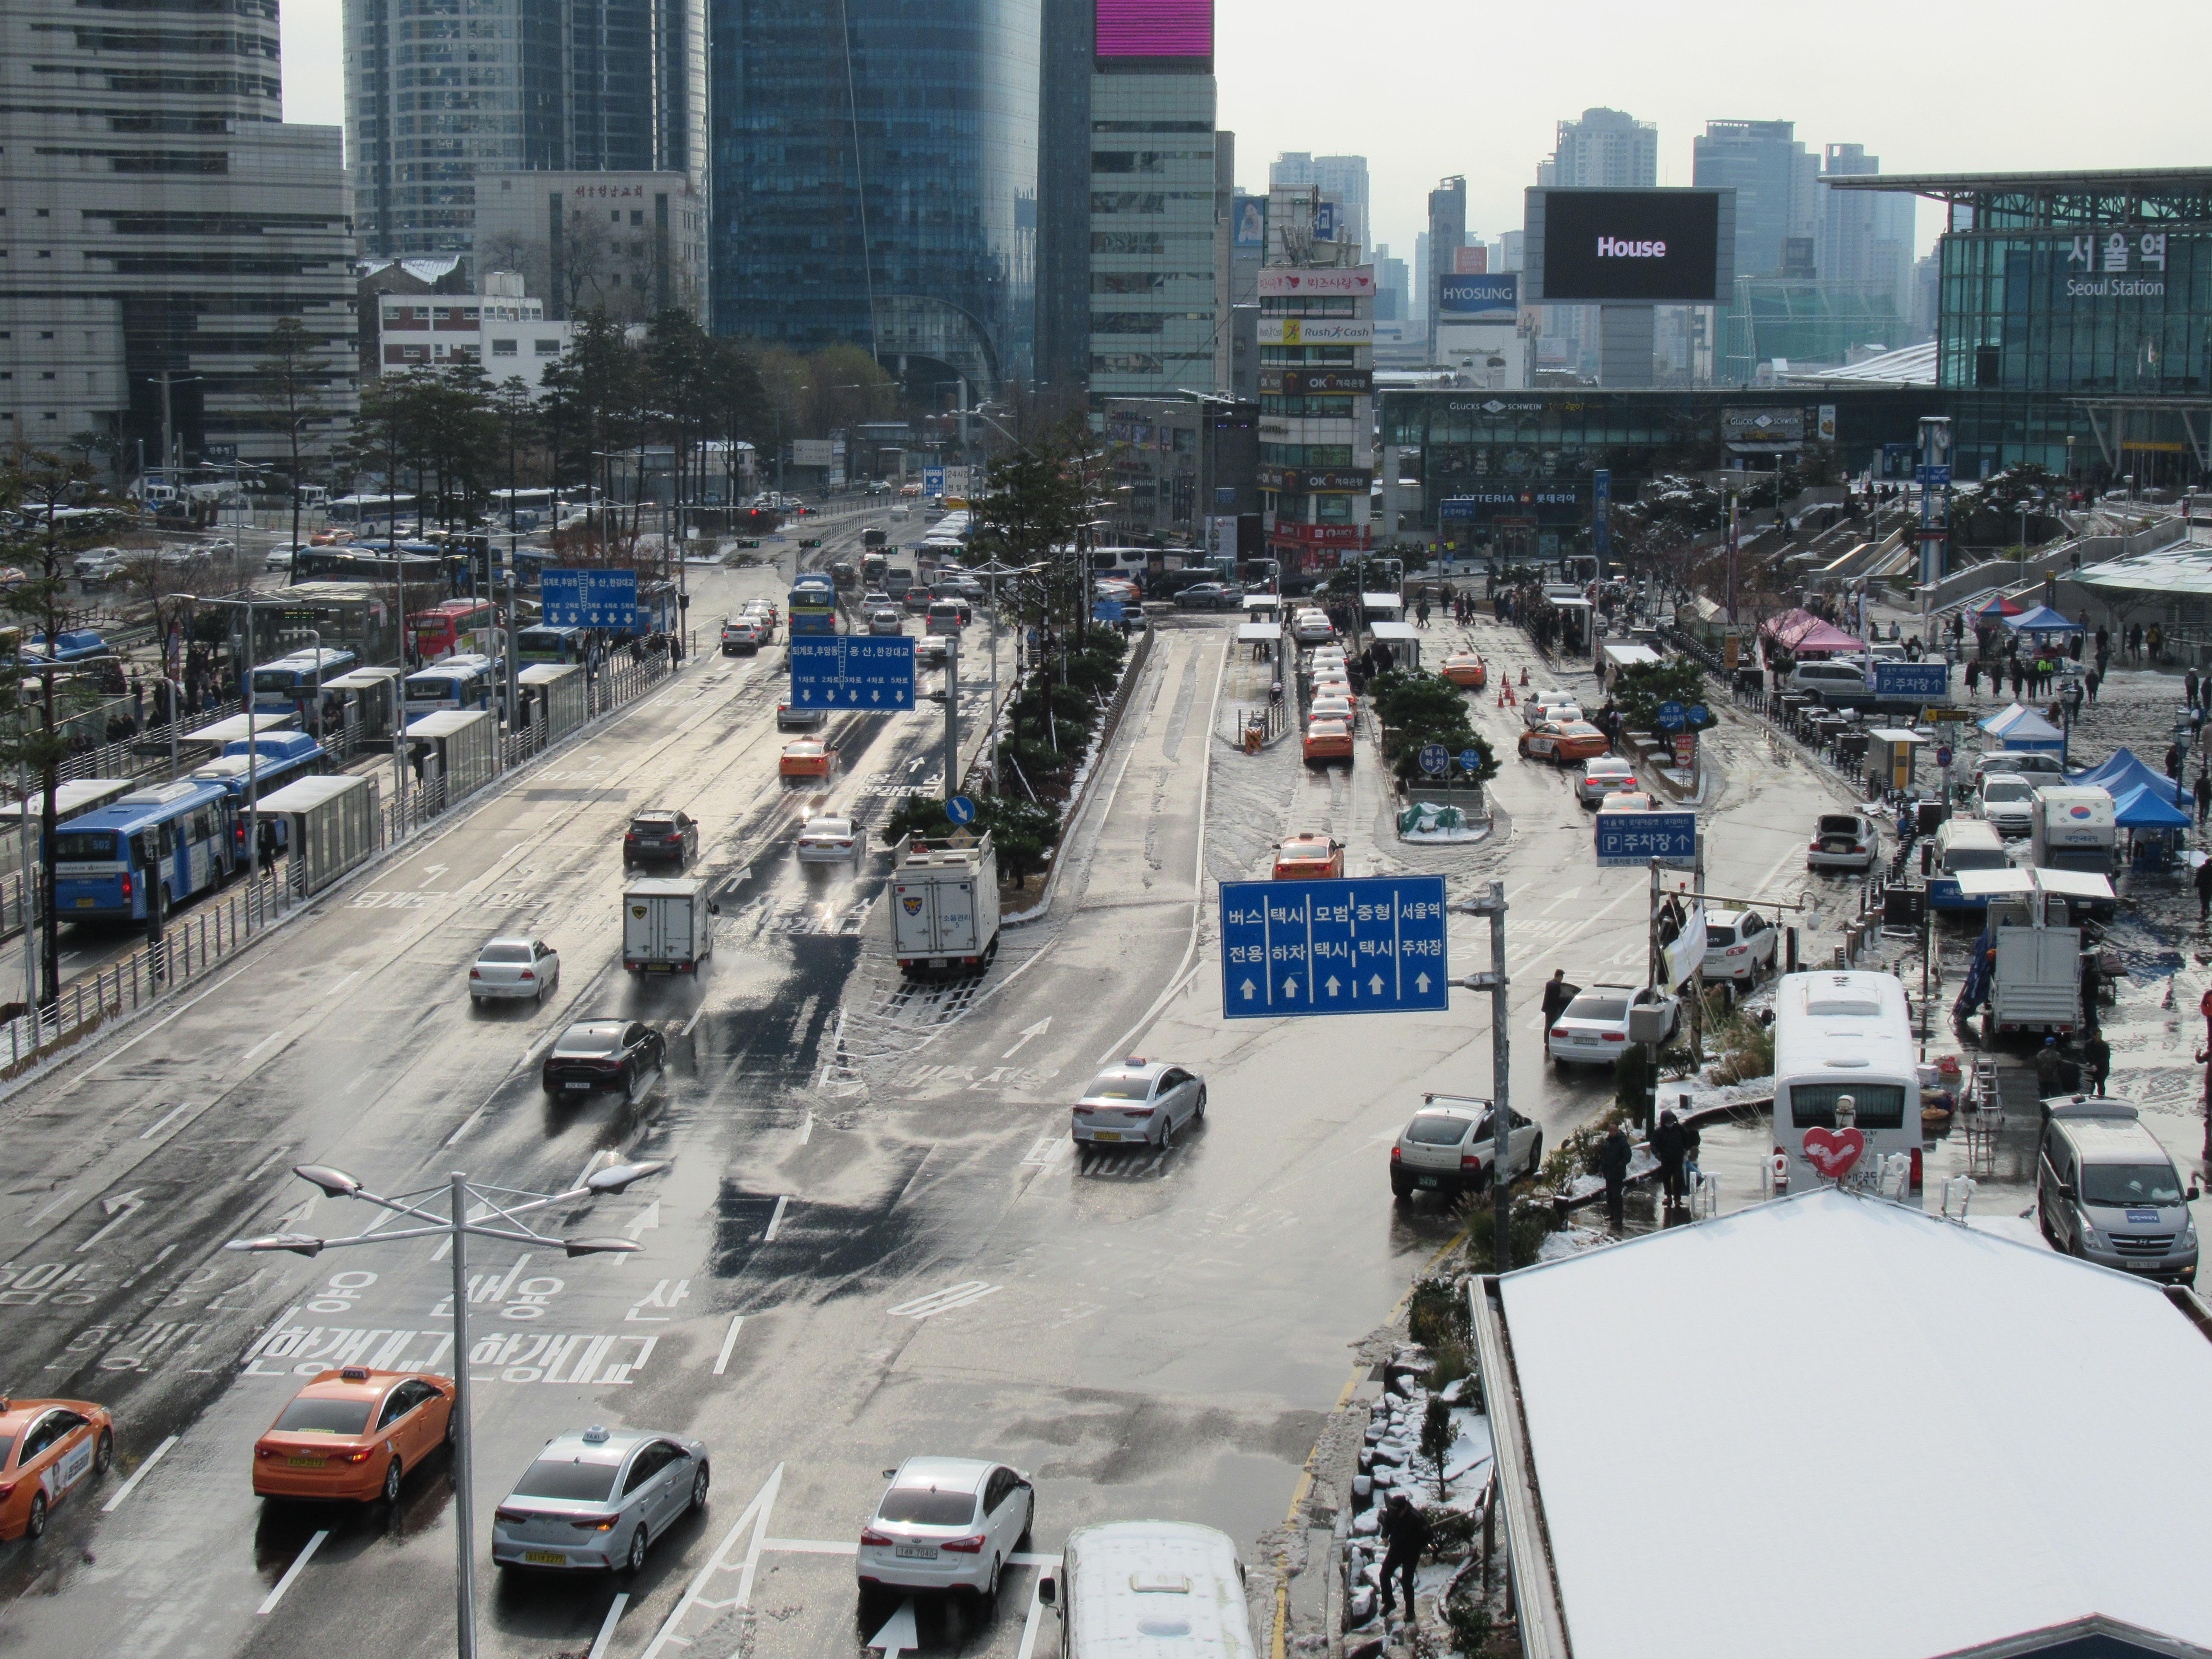 ソウルでタクシーの乗り口と料金のレビューと珍道中|韓国ブログ旅